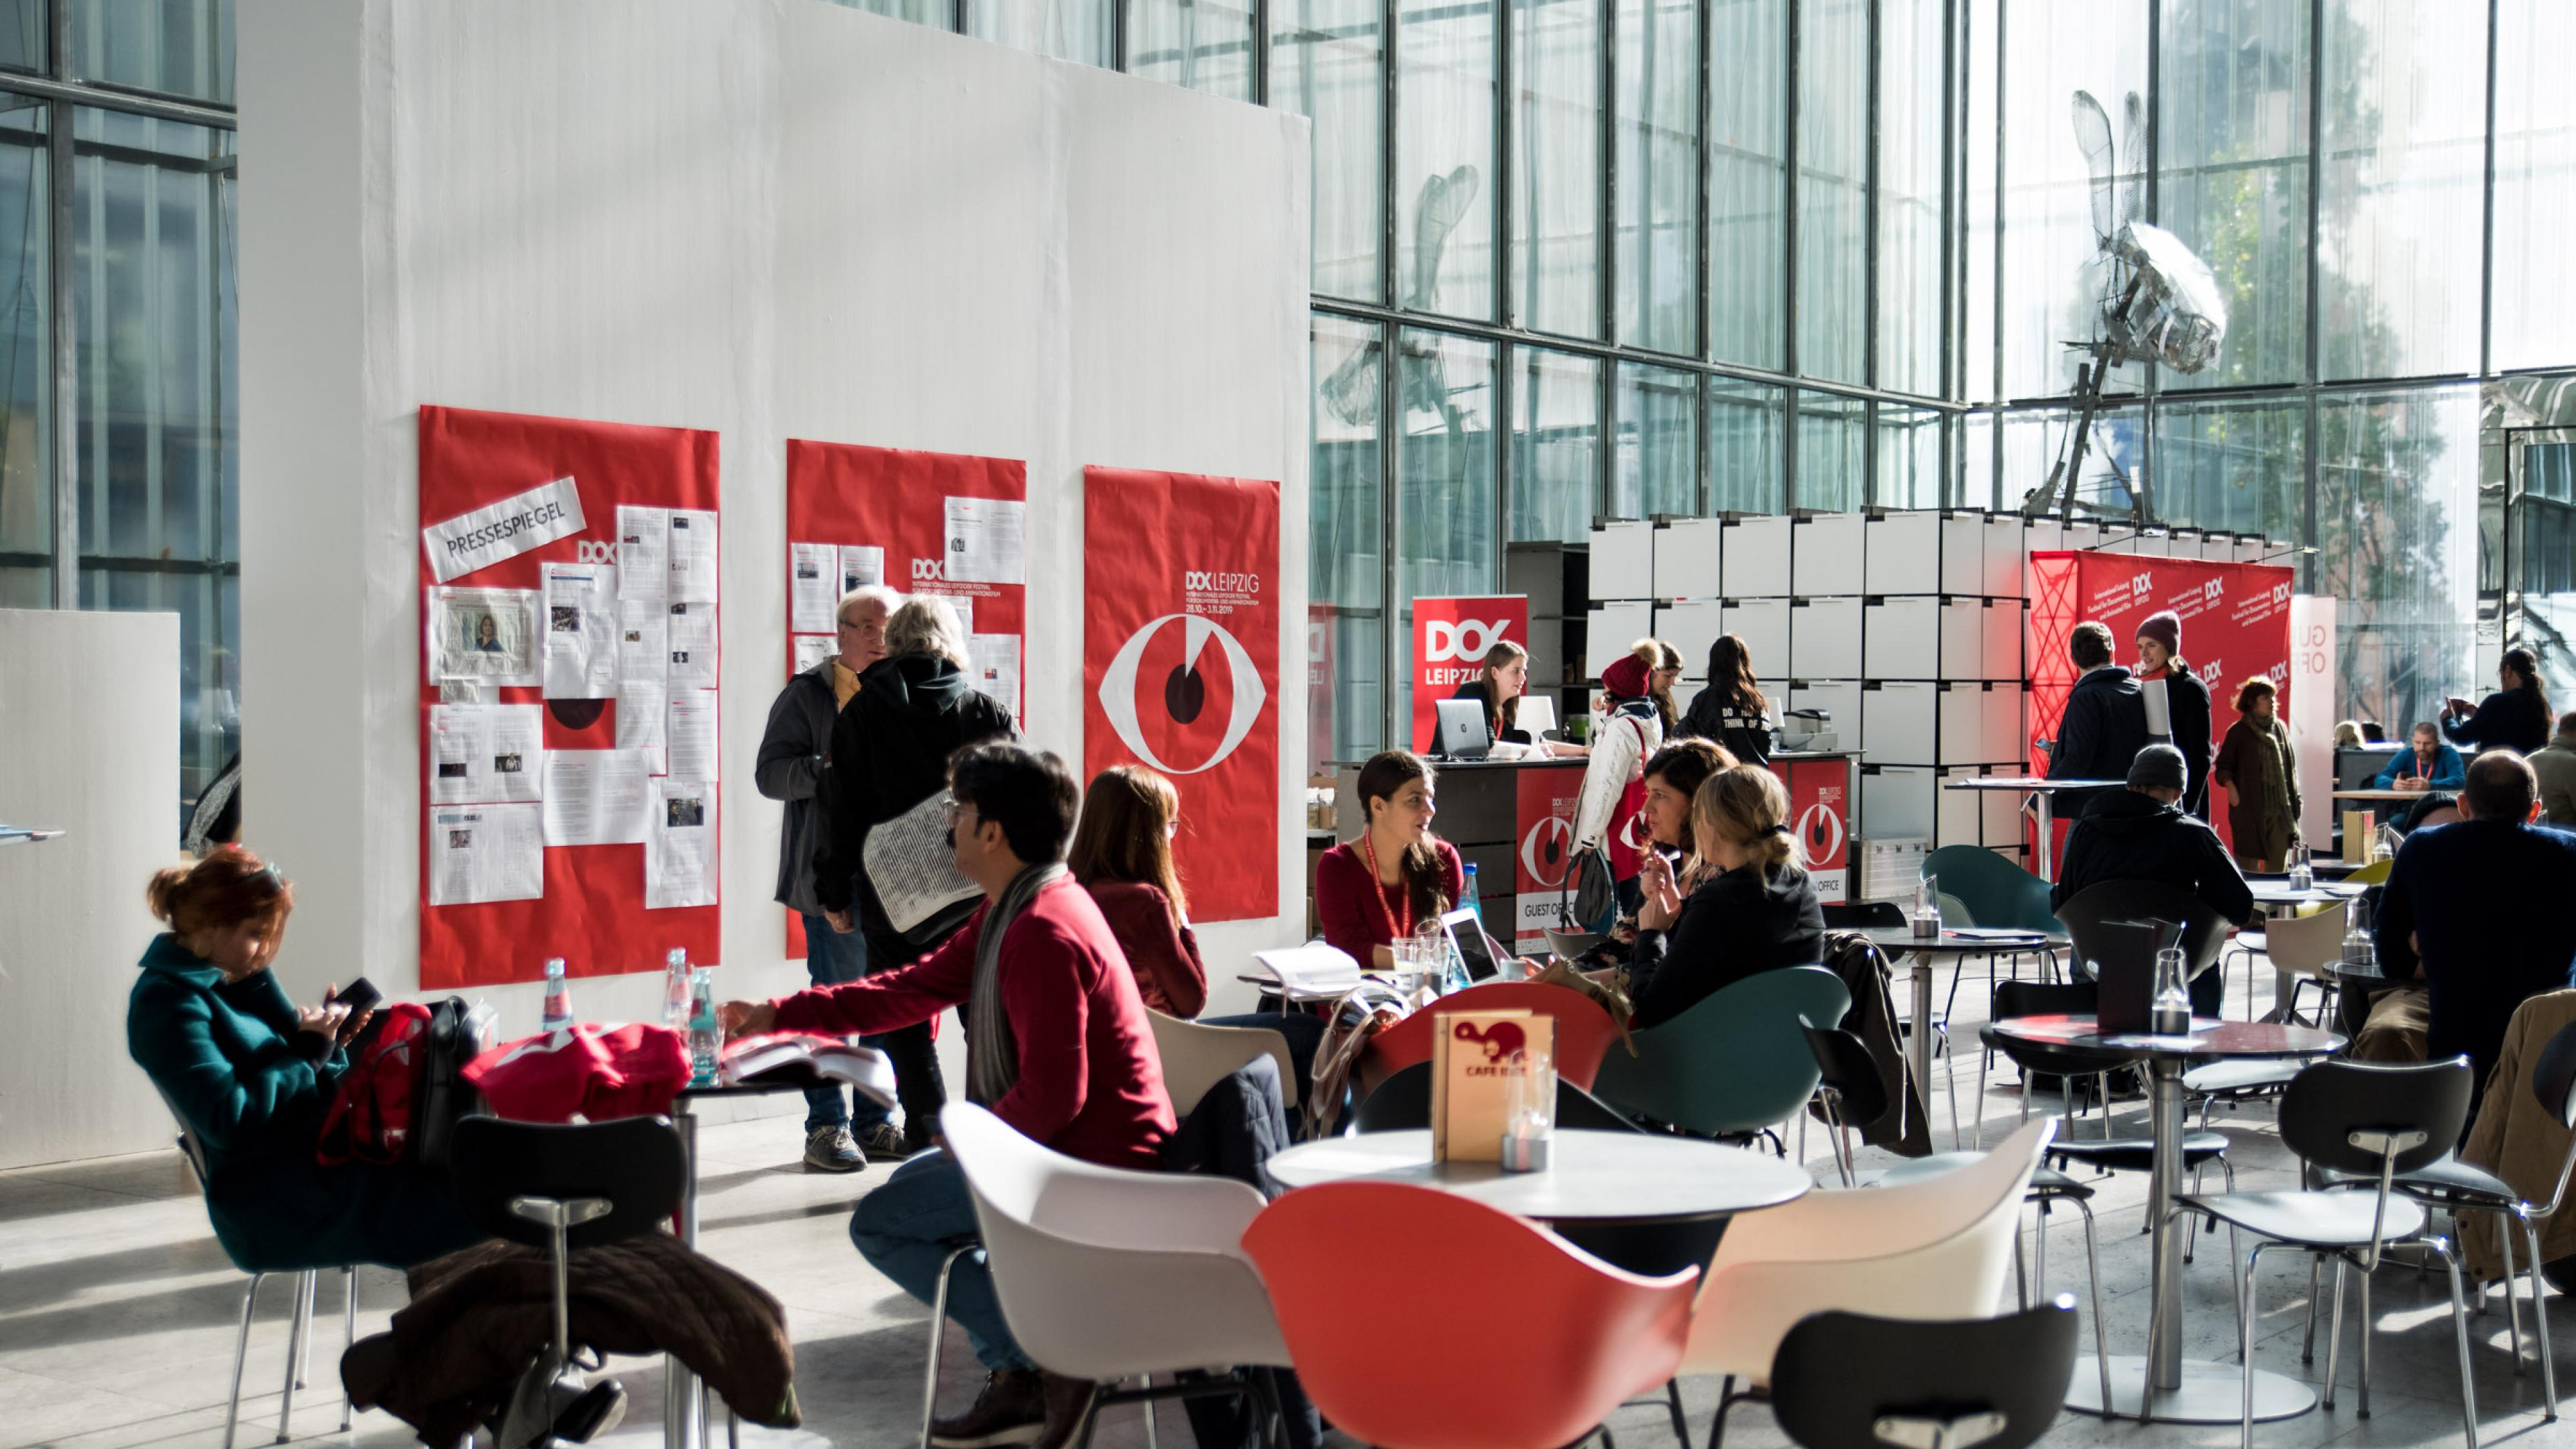 Mehrere Personen sitzen an Cafétischen, im Hintergrund Wände mit zahlreichen DOK Postern.